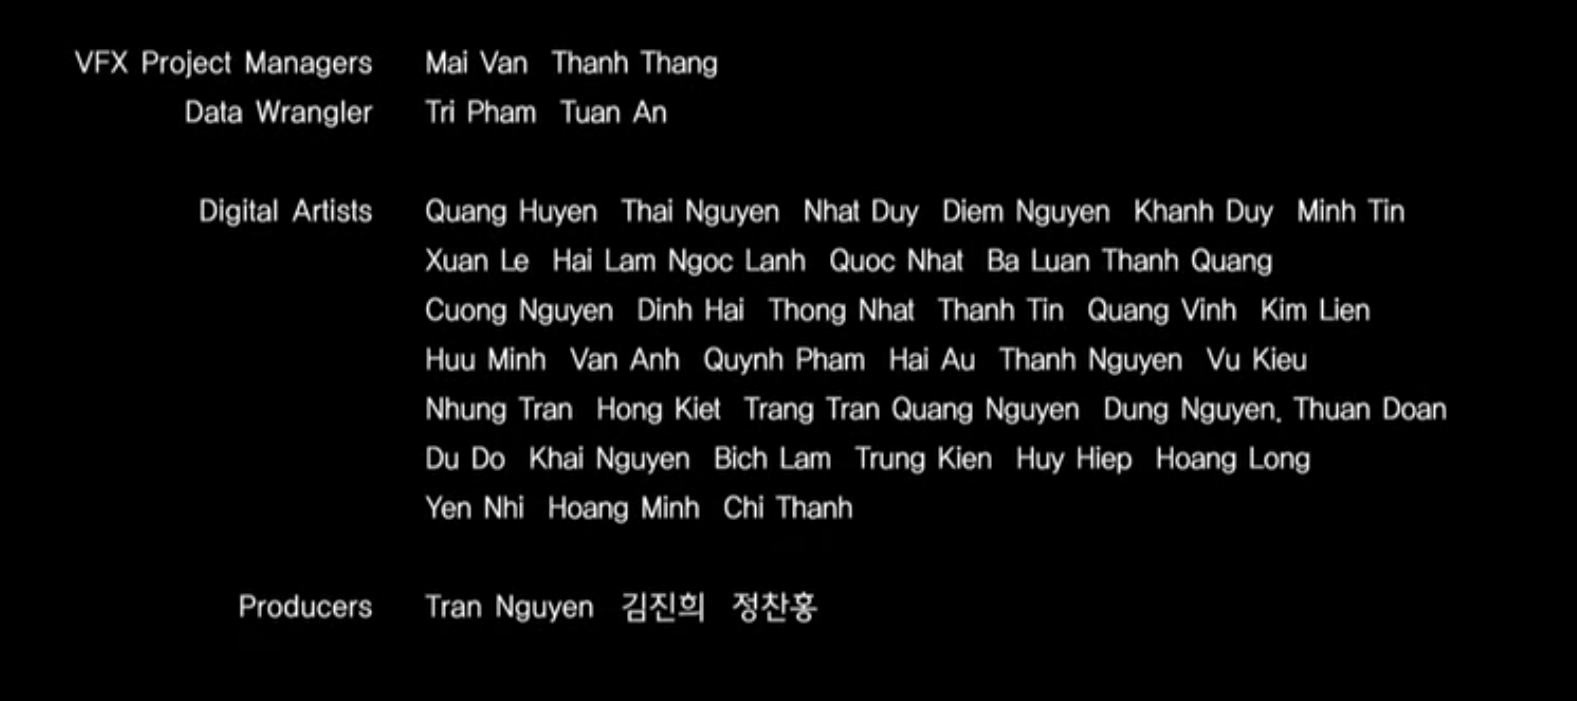 Tên người Việt xuất hiện trong credit kỹ xảo hình ảnh, sản xuất